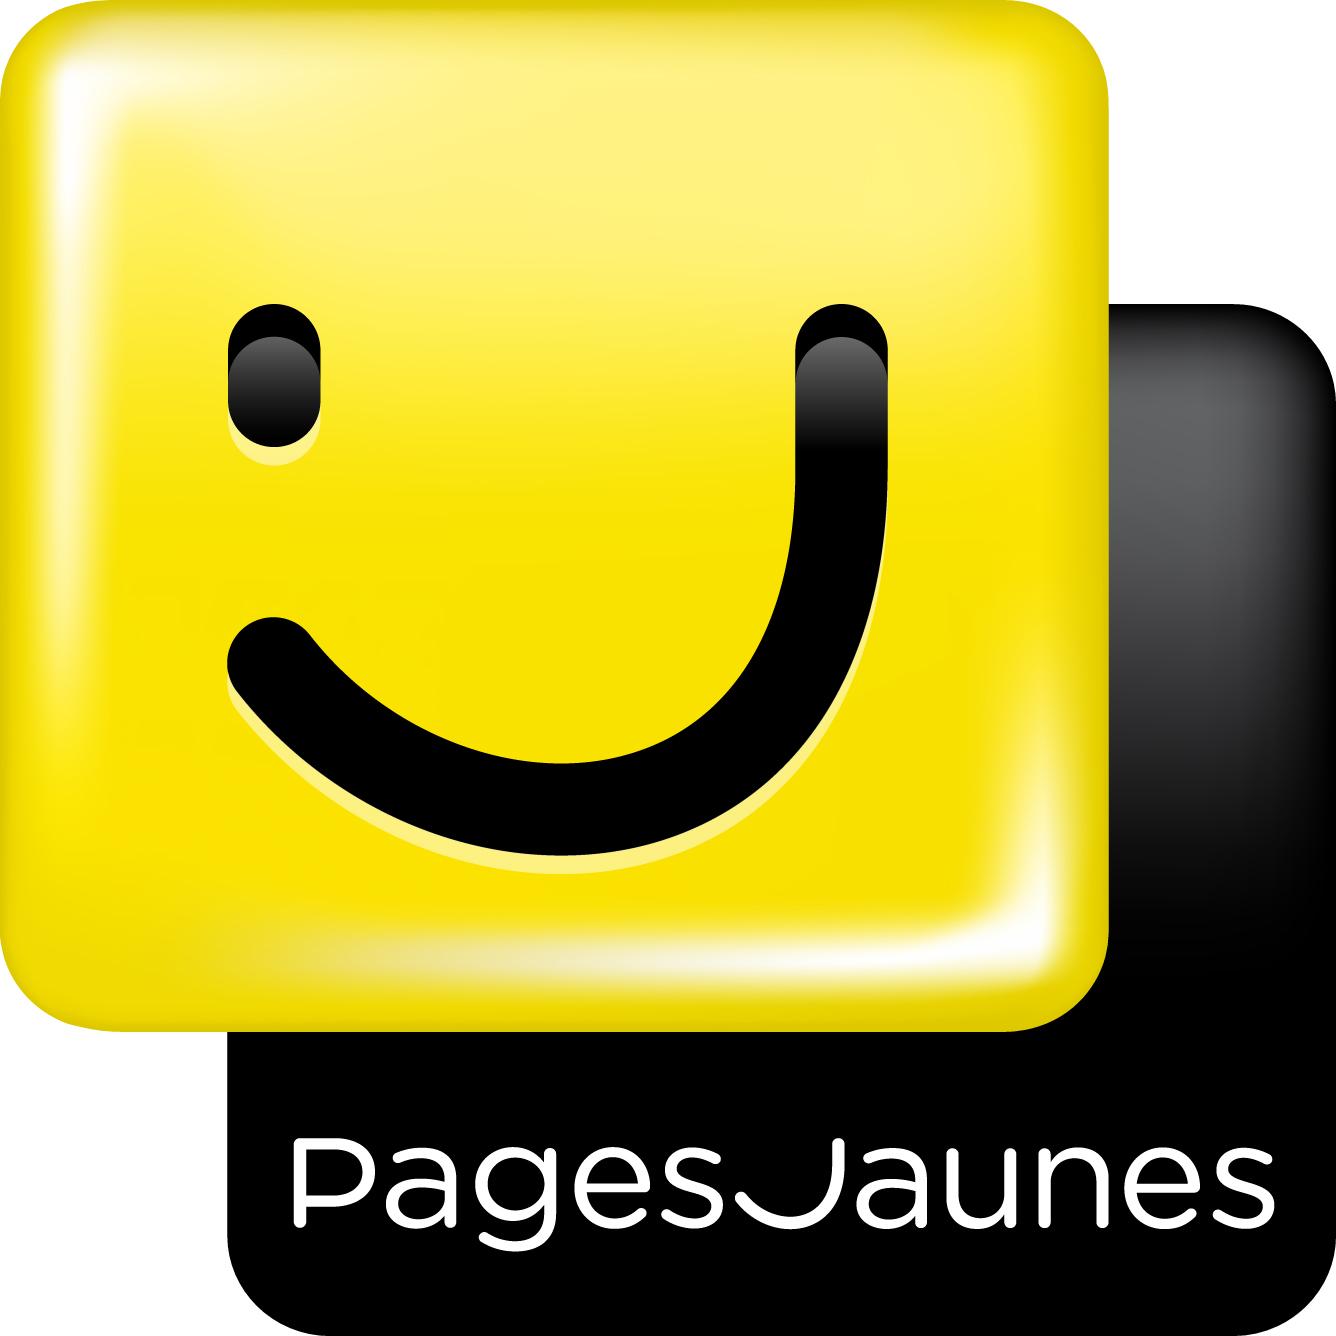 Le Borsalino sur les pages jaunes